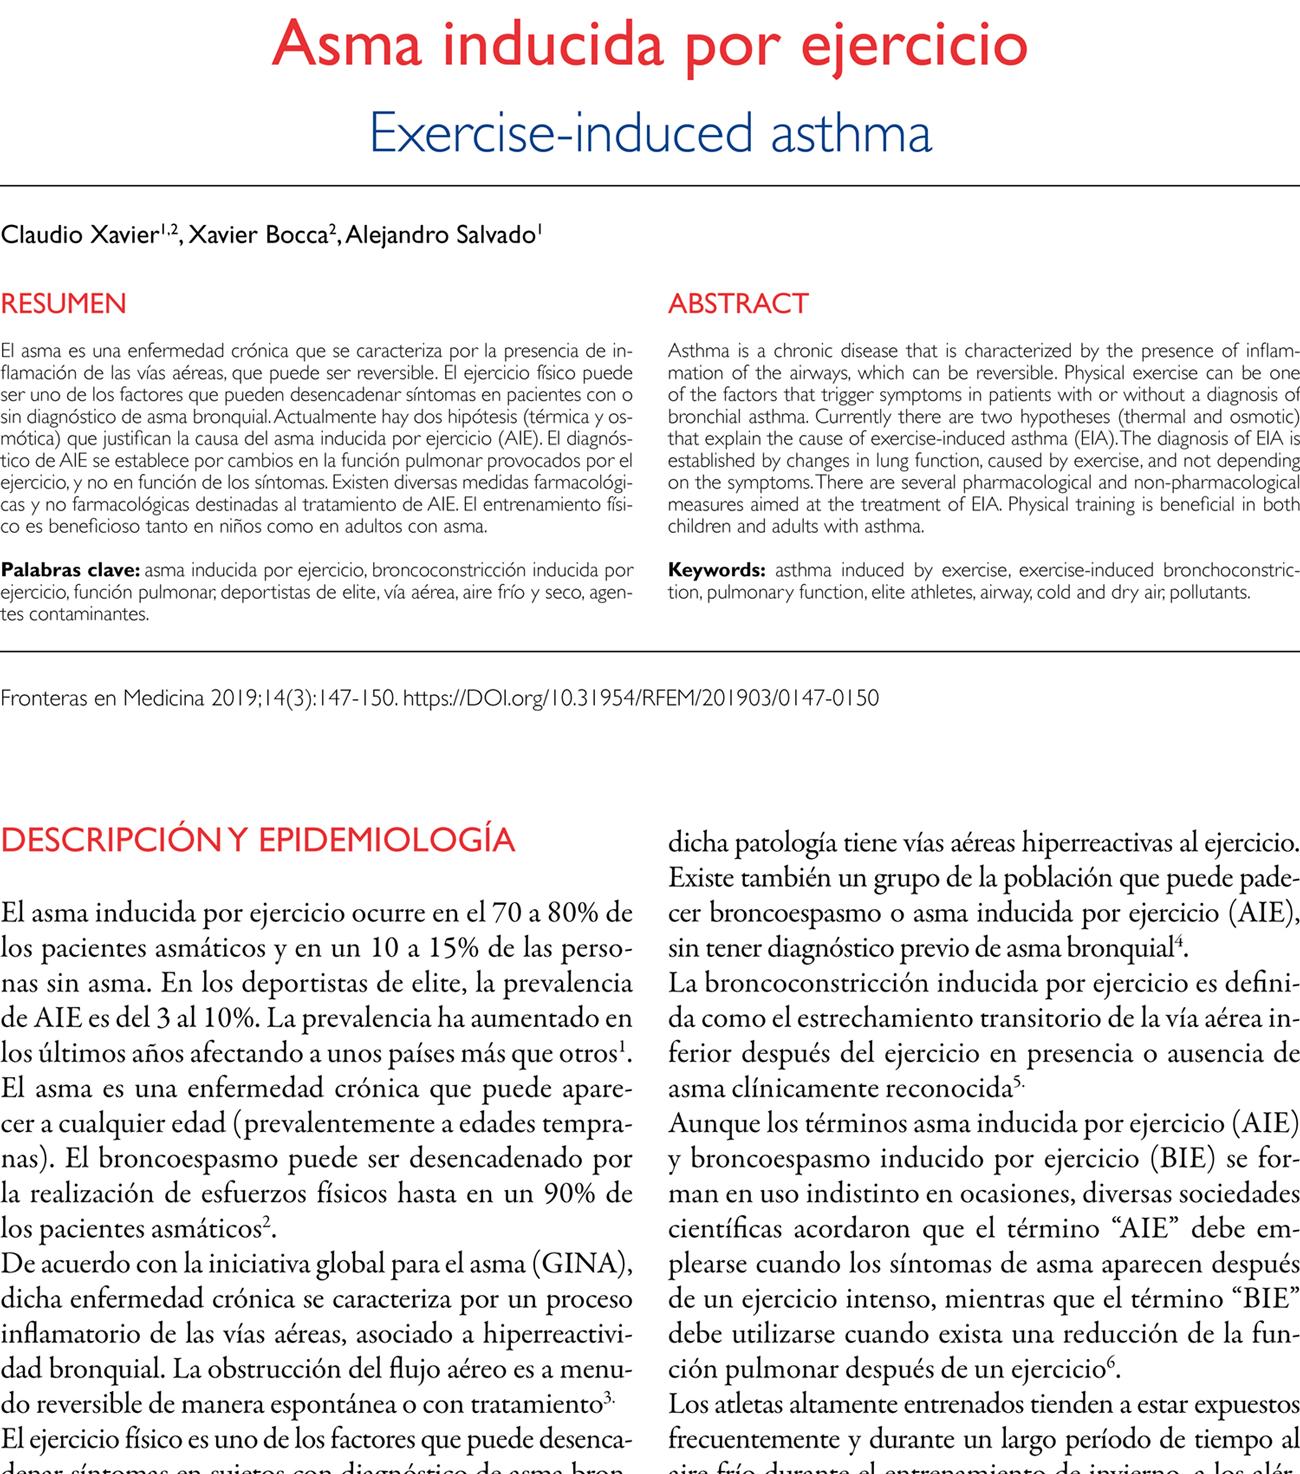 Asma inducida por ejercicio